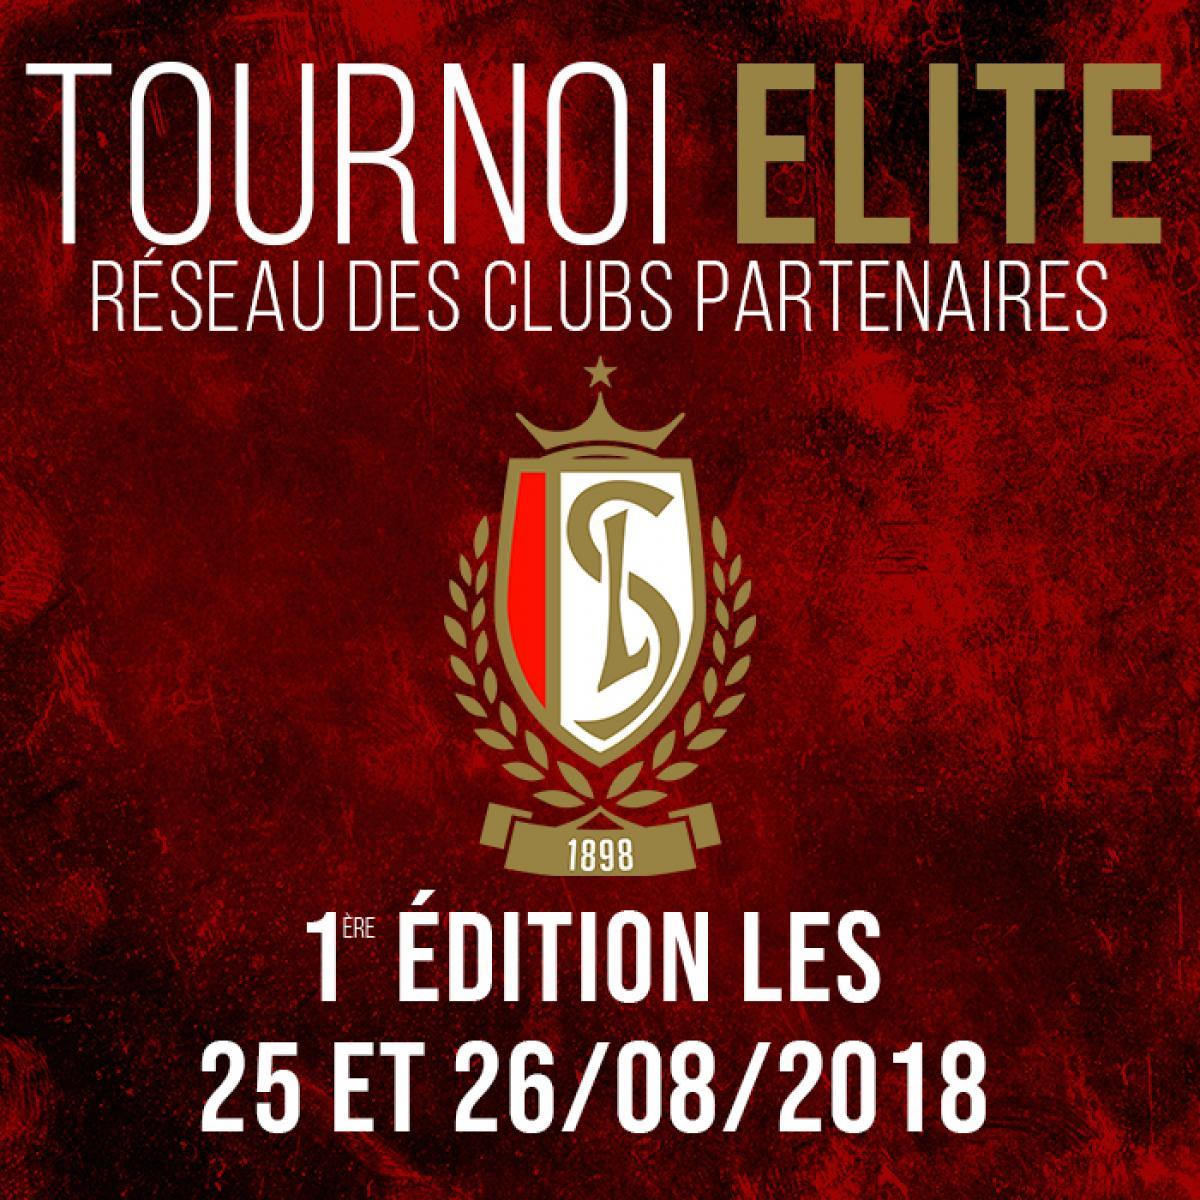 Le tournoi des clubs partenaires